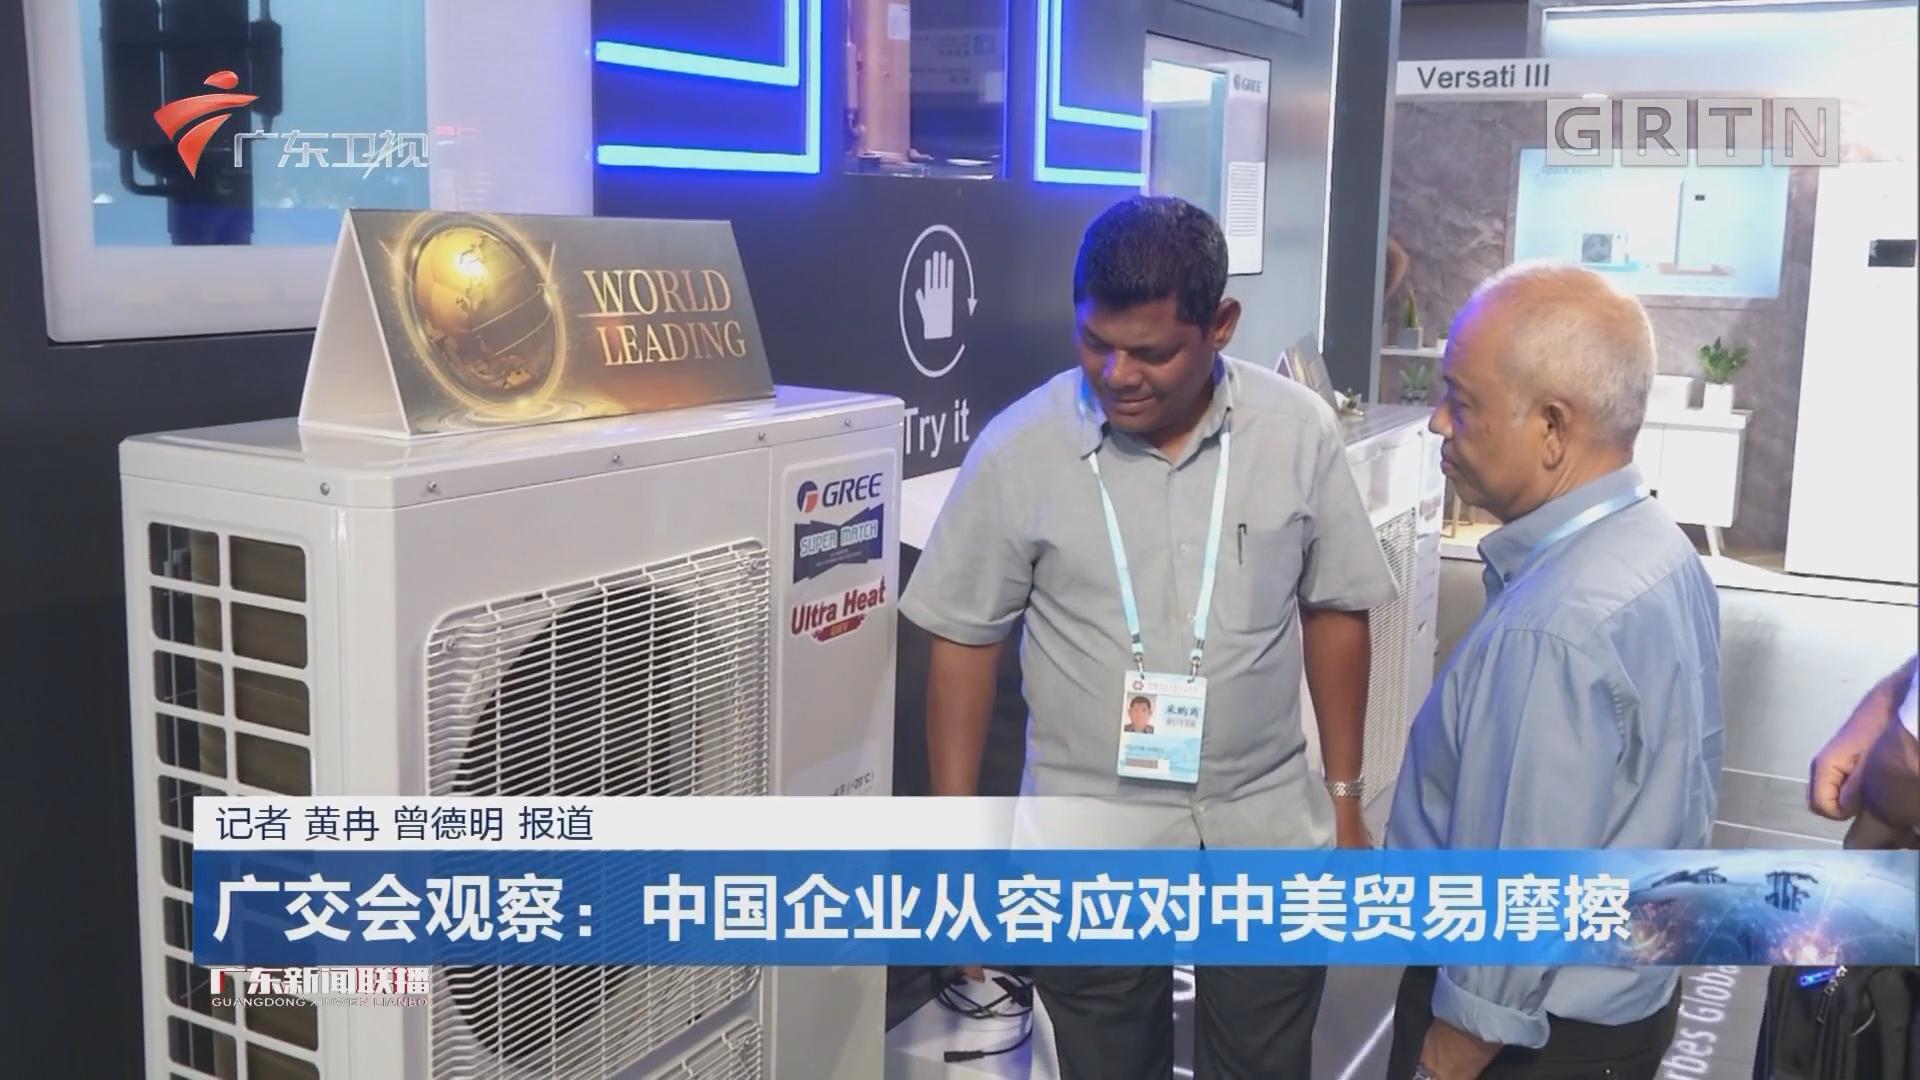 广交会观察:中国企业从容应对中美贸易摩擦